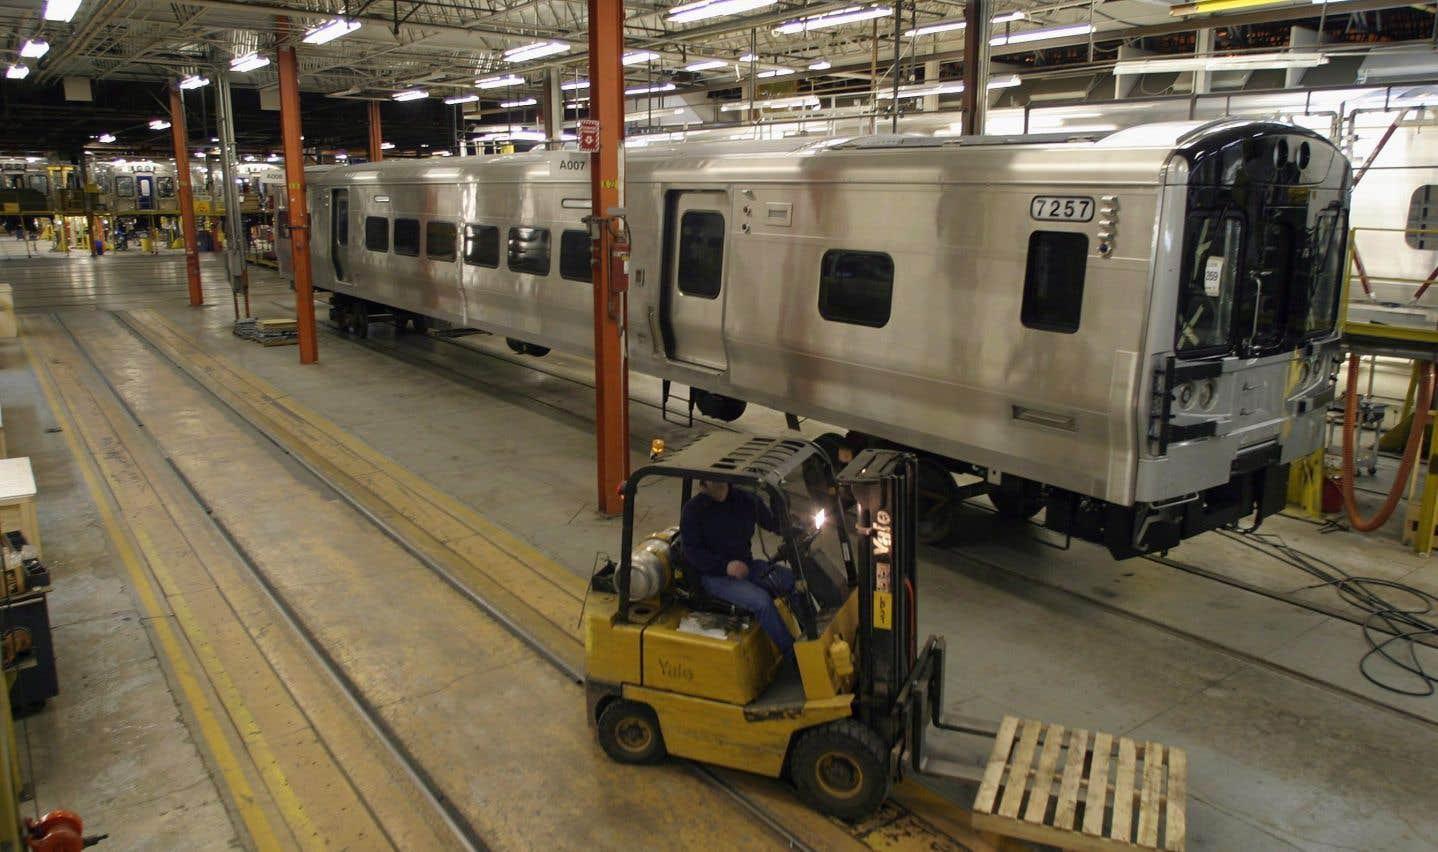 Bombardier Transport a prévenu qu'il faudra prendre une décision rapidement à l'endroit de l'usine de La Pocatière étant donné que le carnet de commandes sera vide dans environ un an.